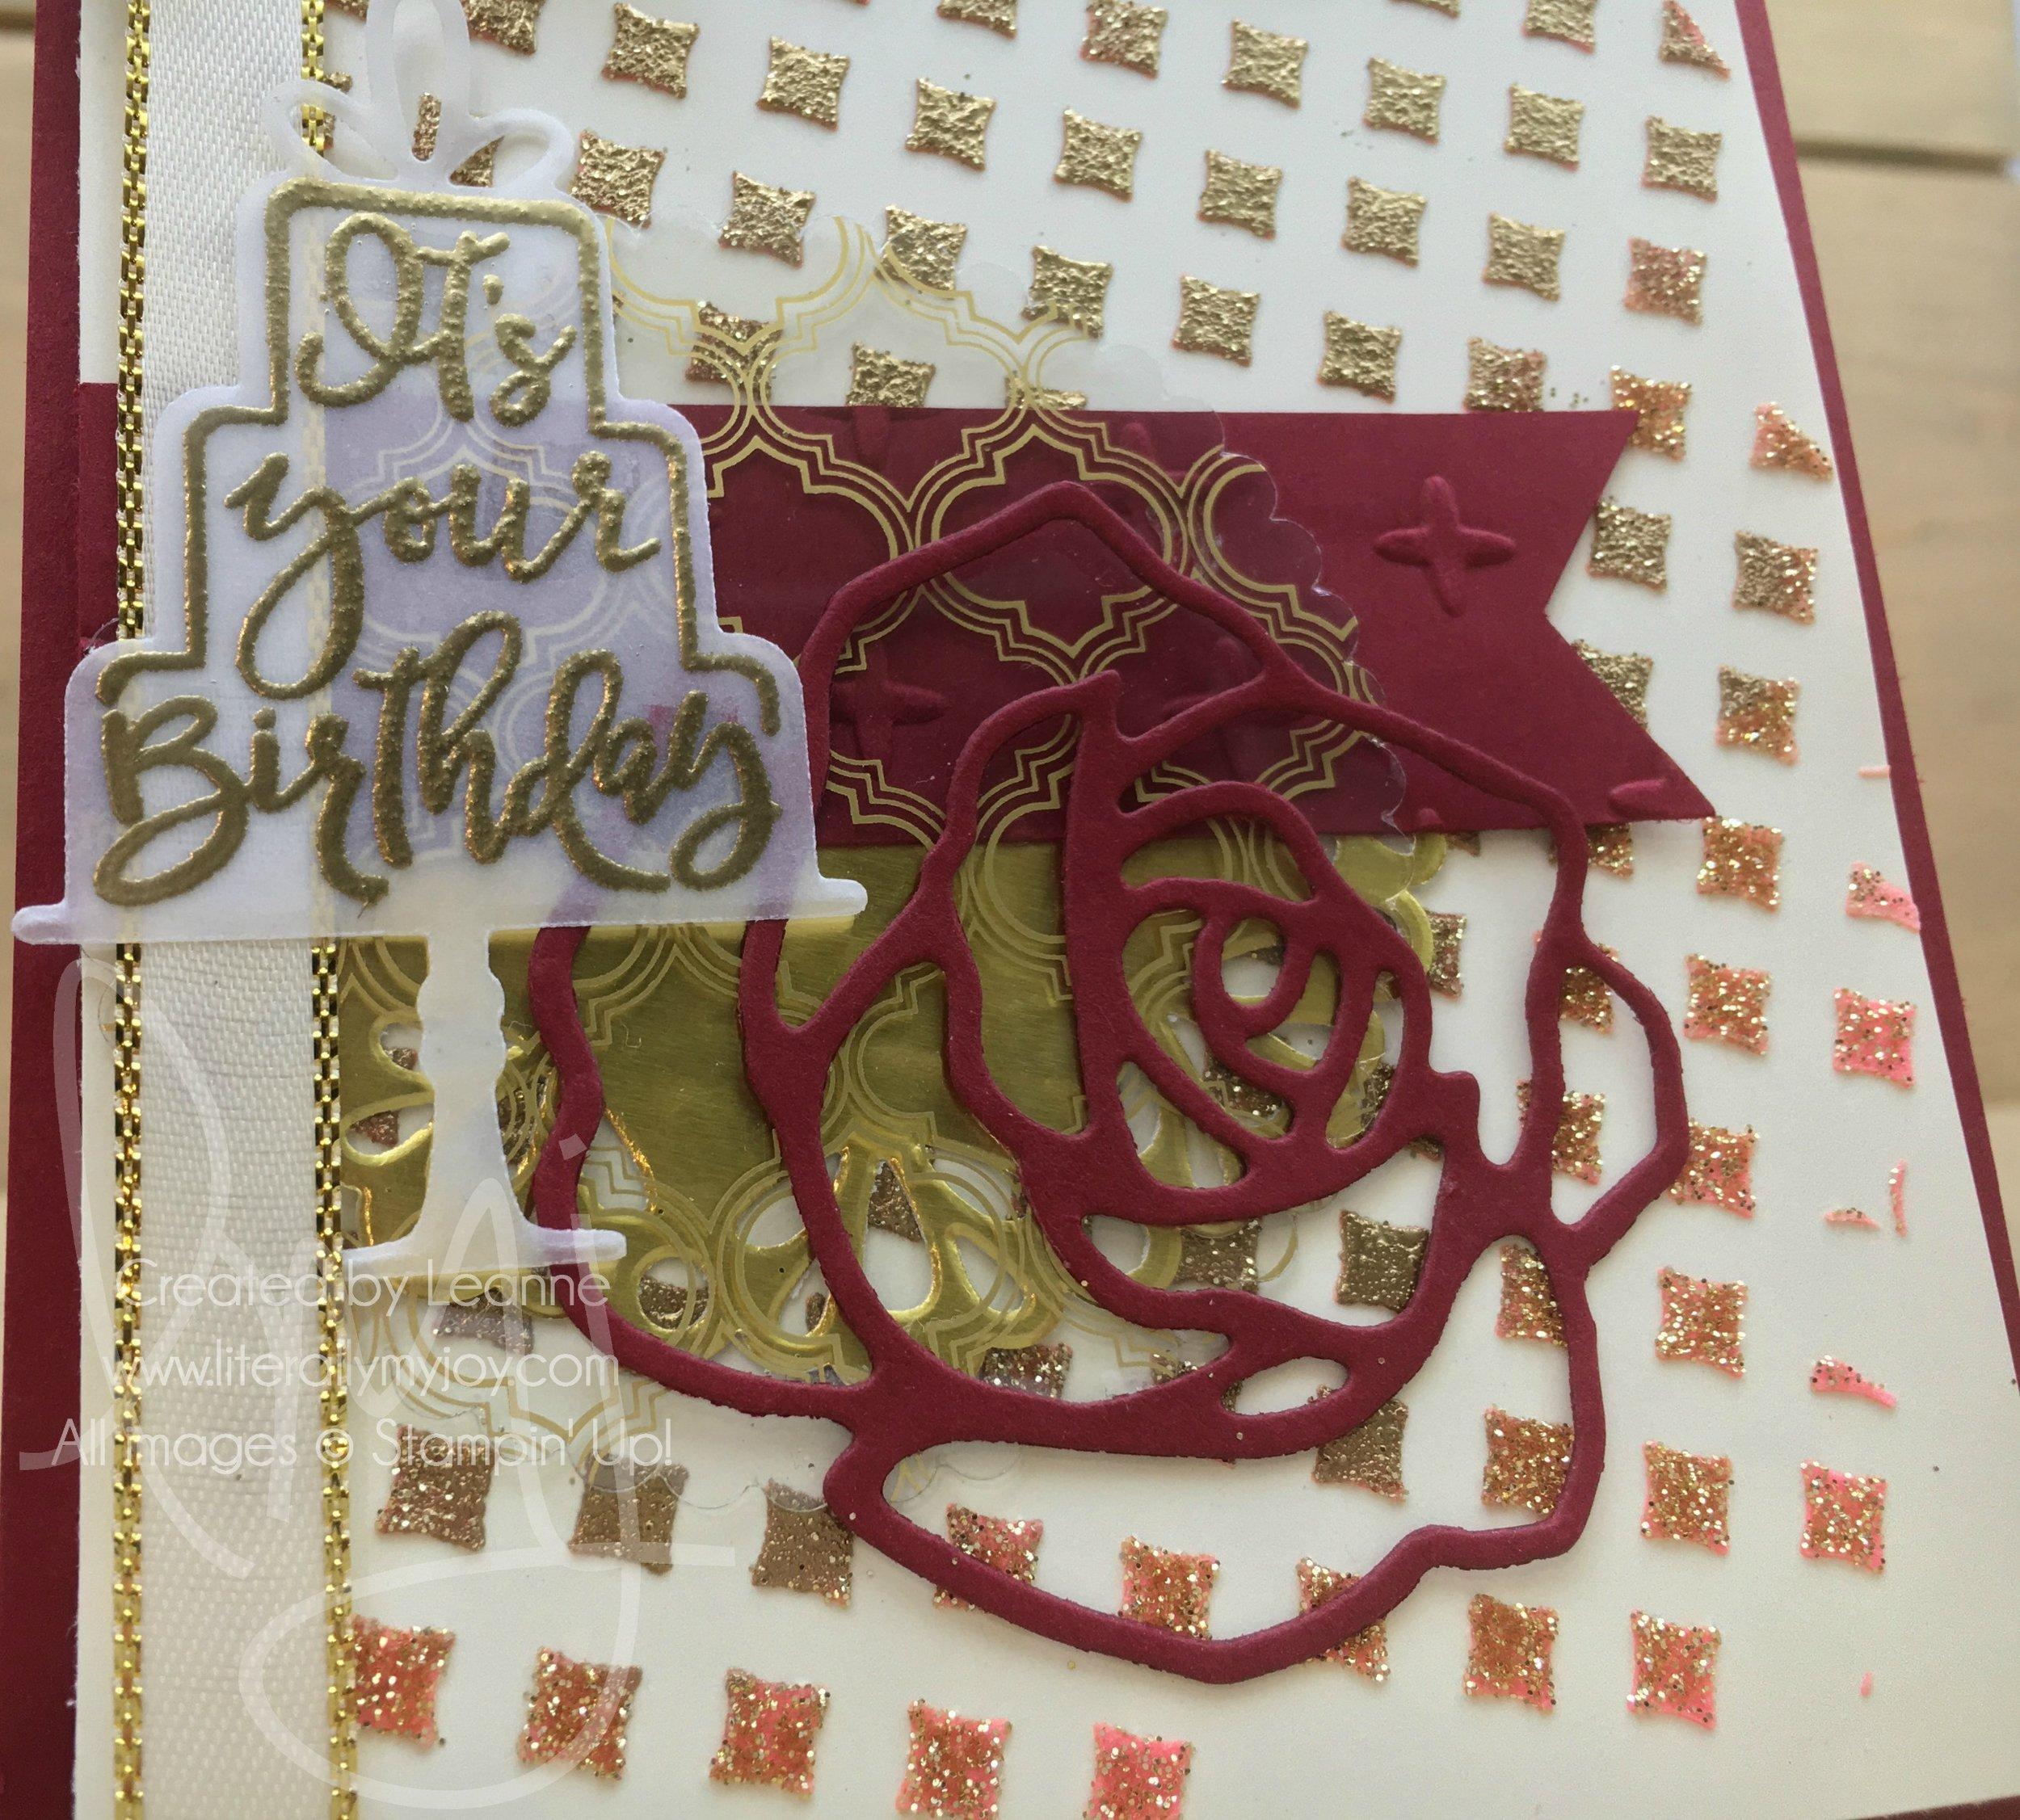 Rose Gold Birthday.jpg